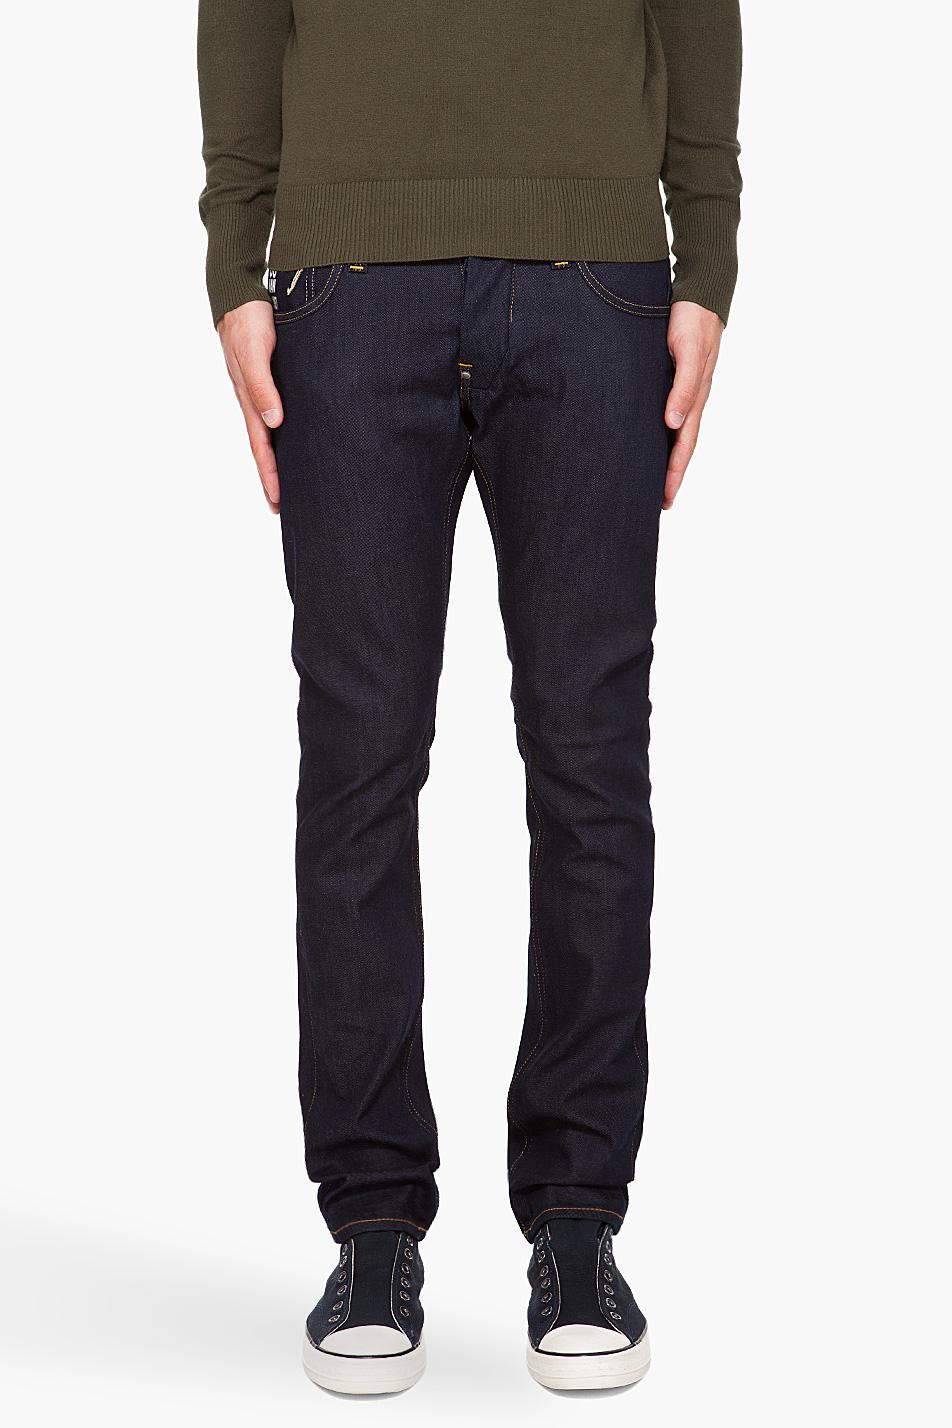 g star raw defend super slim jeans in blue for men lyst. Black Bedroom Furniture Sets. Home Design Ideas